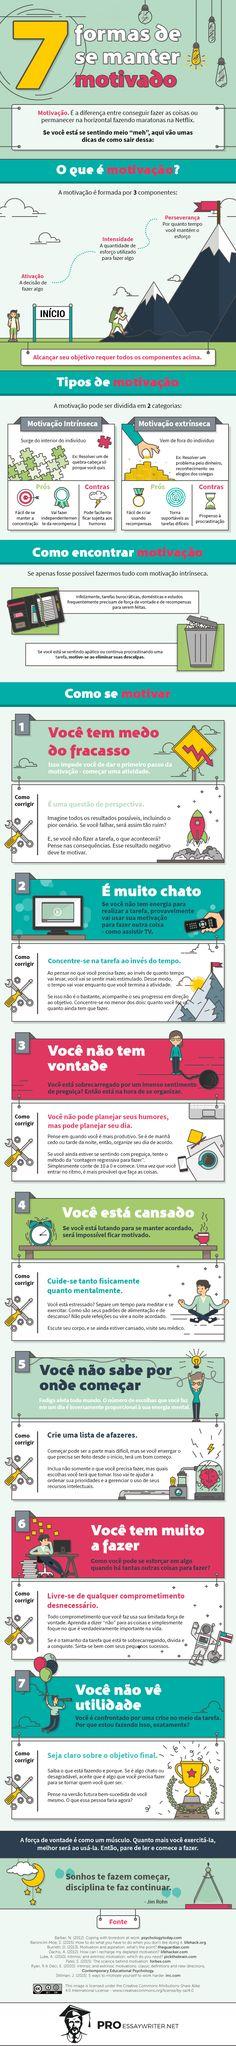 Infográfico: 7 dicas para se manter motivado